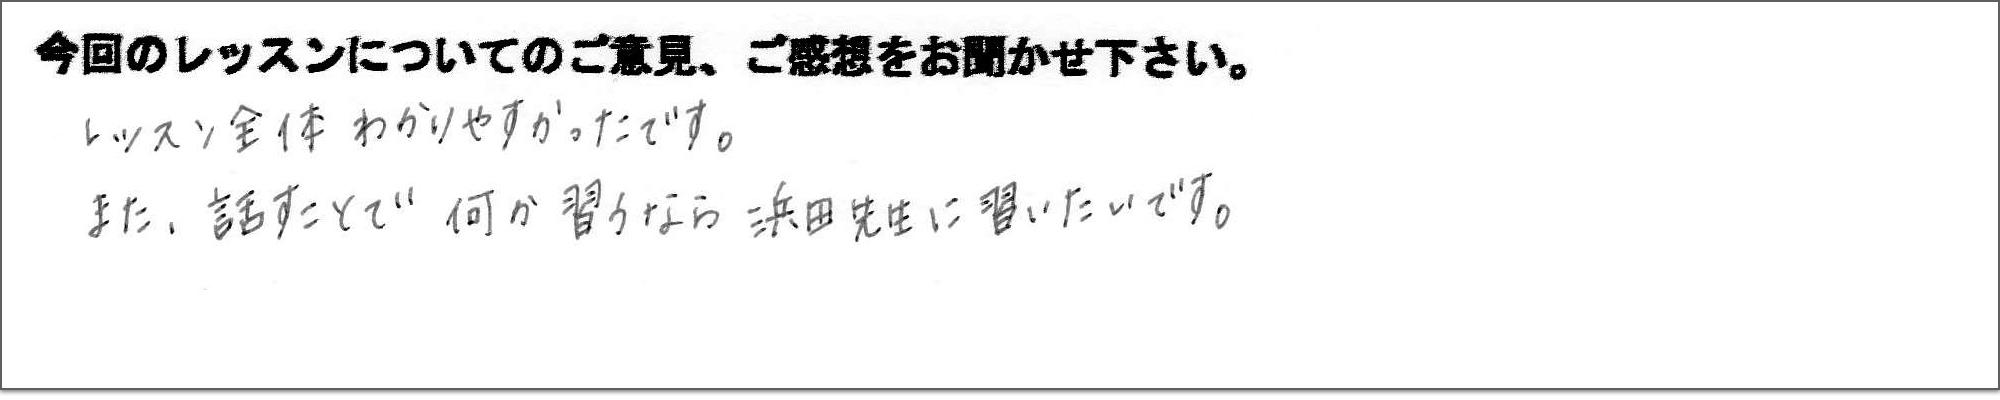 受講の感想 レッスン全体わかりやすかったです。また、話すことで何か習うなら浜田先生に習いたいです。